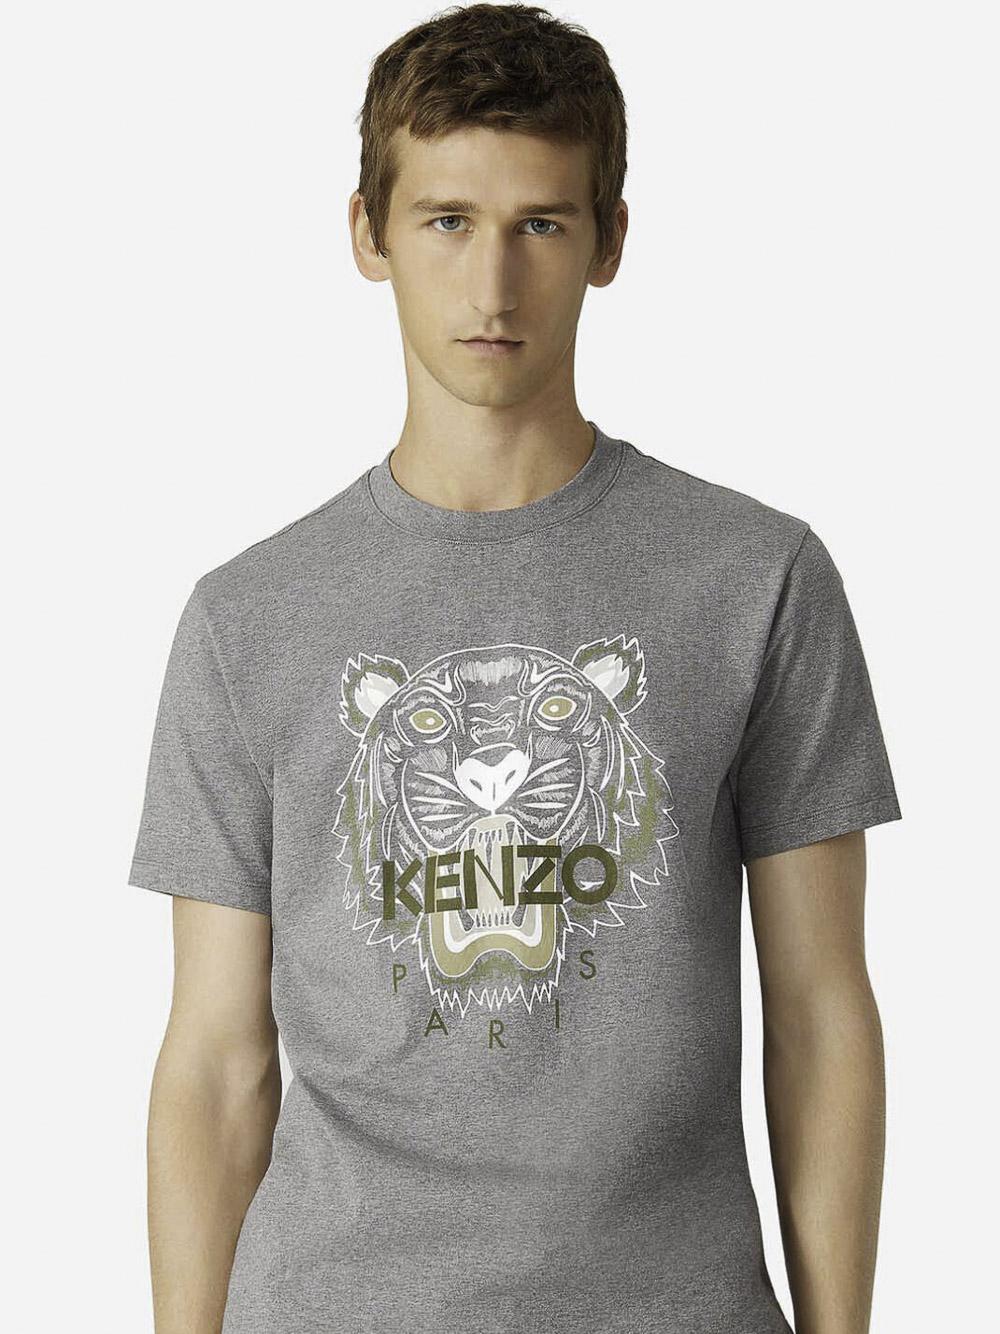 KENZO Μπλούζα t-shirt 5TS0204YA-95 ΓΚΡΙ